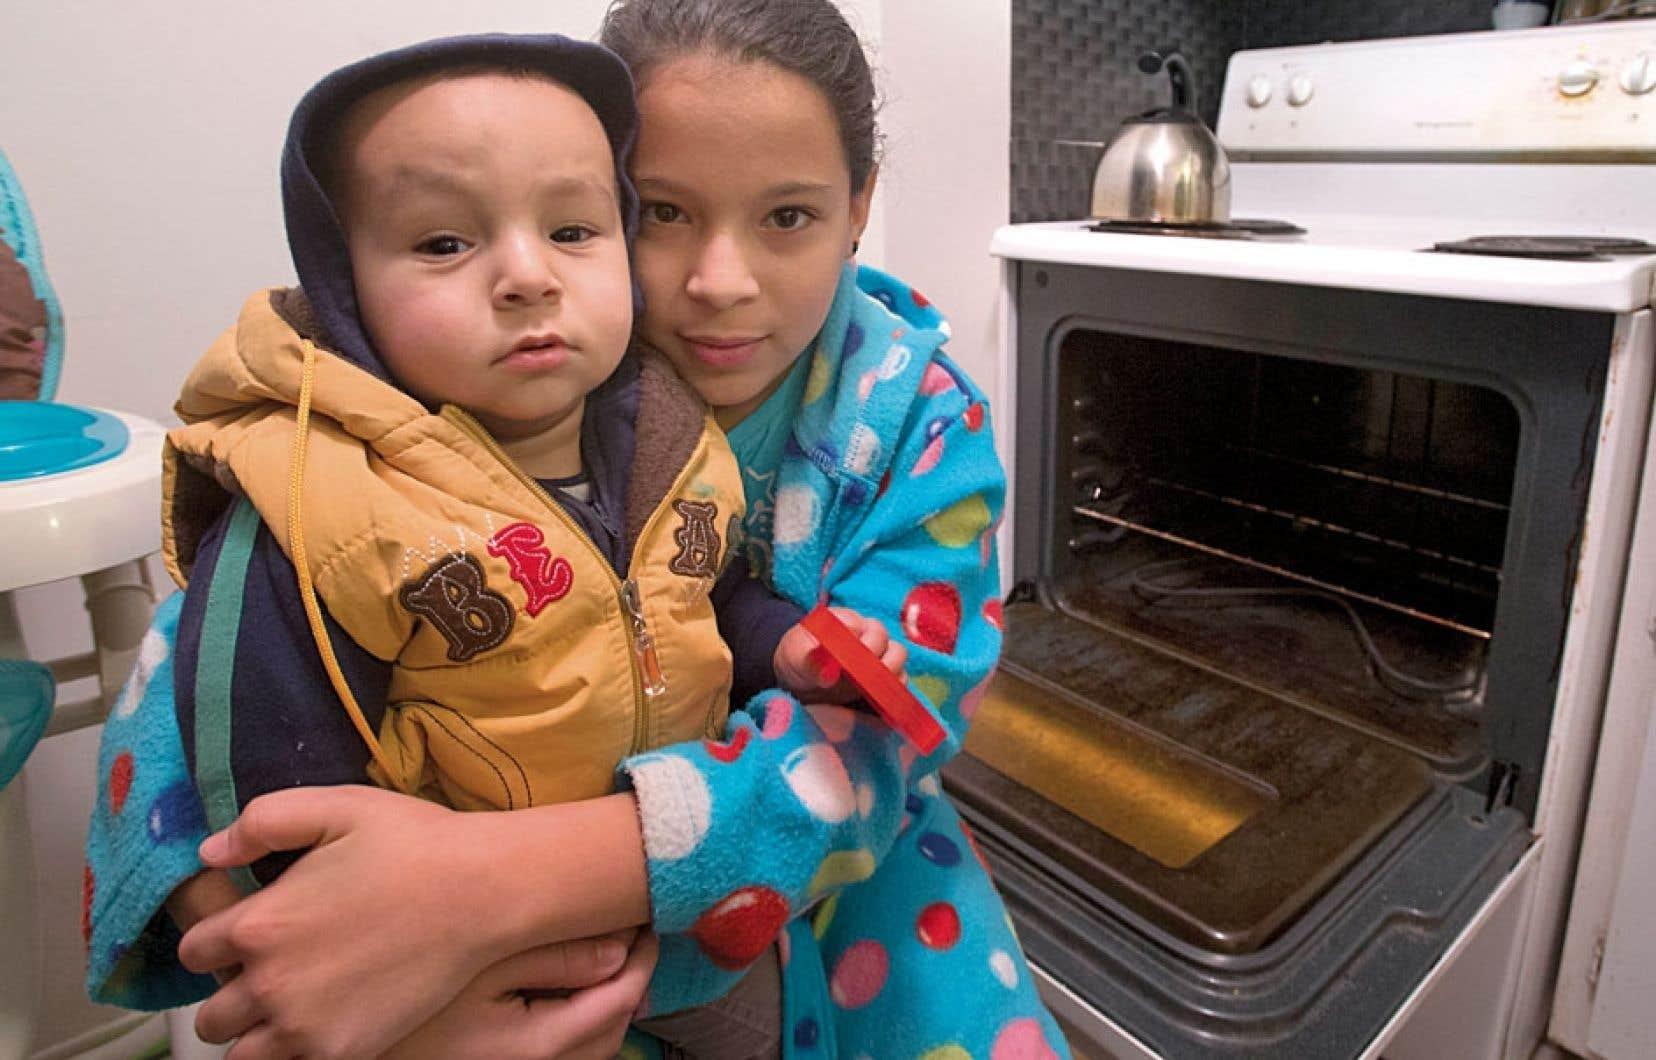 Les enfants de Jaouad Alaoui se réchauffent près du four de l'appartement familial, où le chauffage et l'eau chaude sont en panne depuis des jours. Des centaines d'autres locataires de deux immeubles vivent le même cauchemar dans l'arrondissement Saint-Laurent, à Montréal.